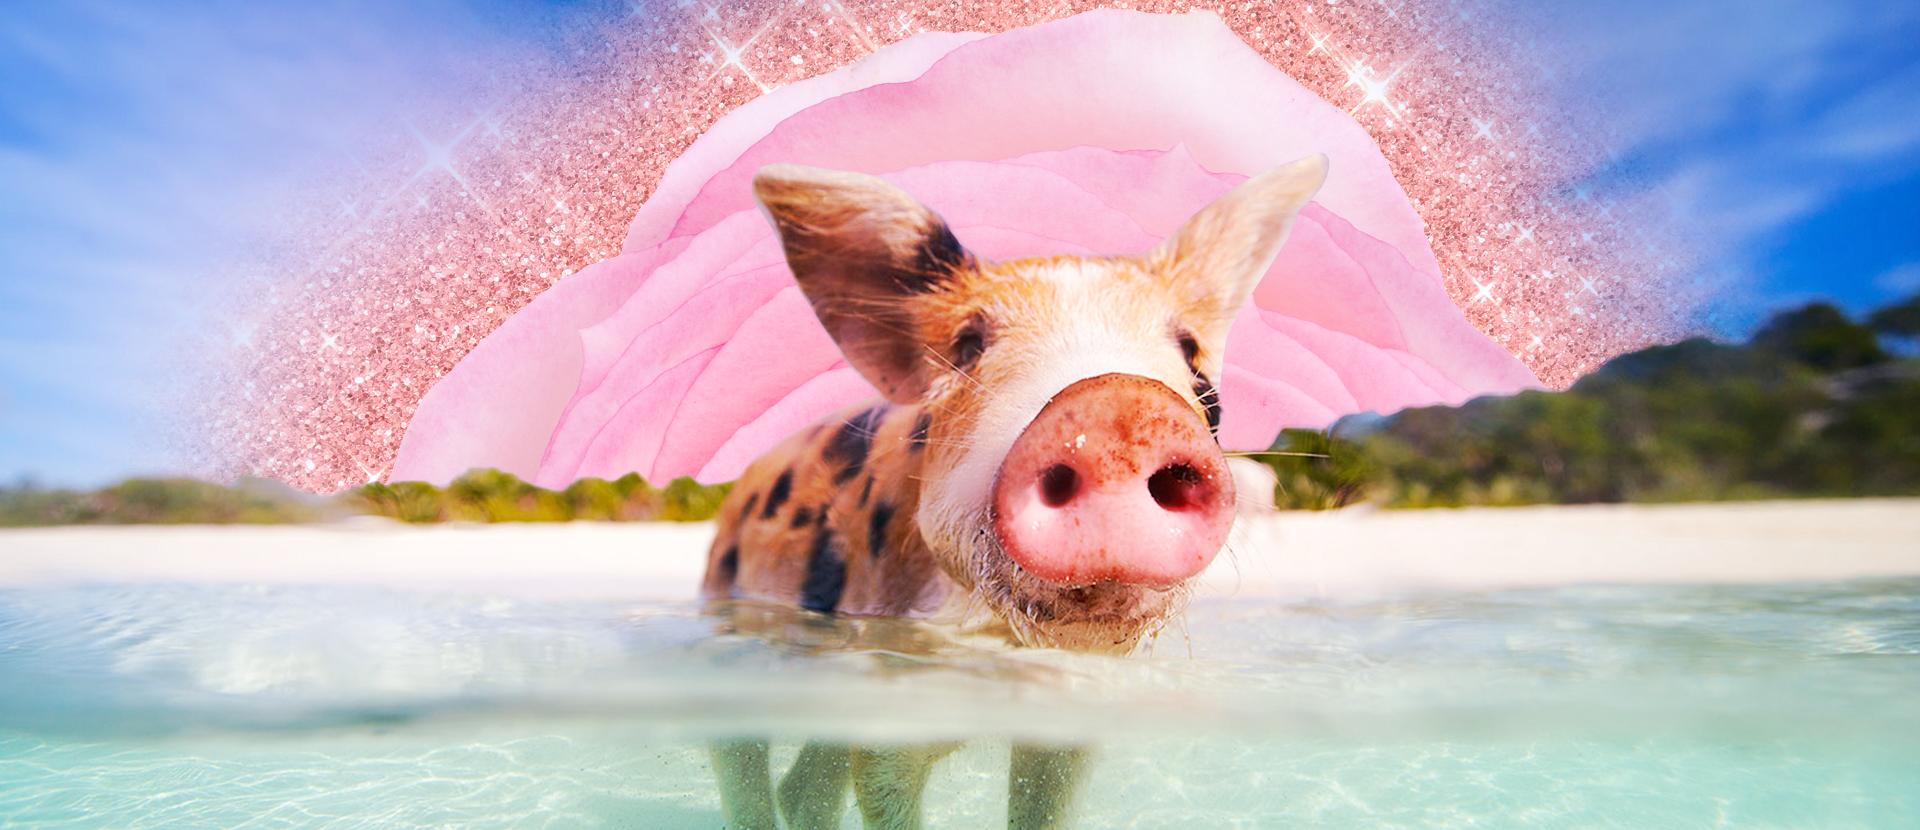 Pig Beach, l'isola delle Bahamas in cui si può nuotare con i maiali